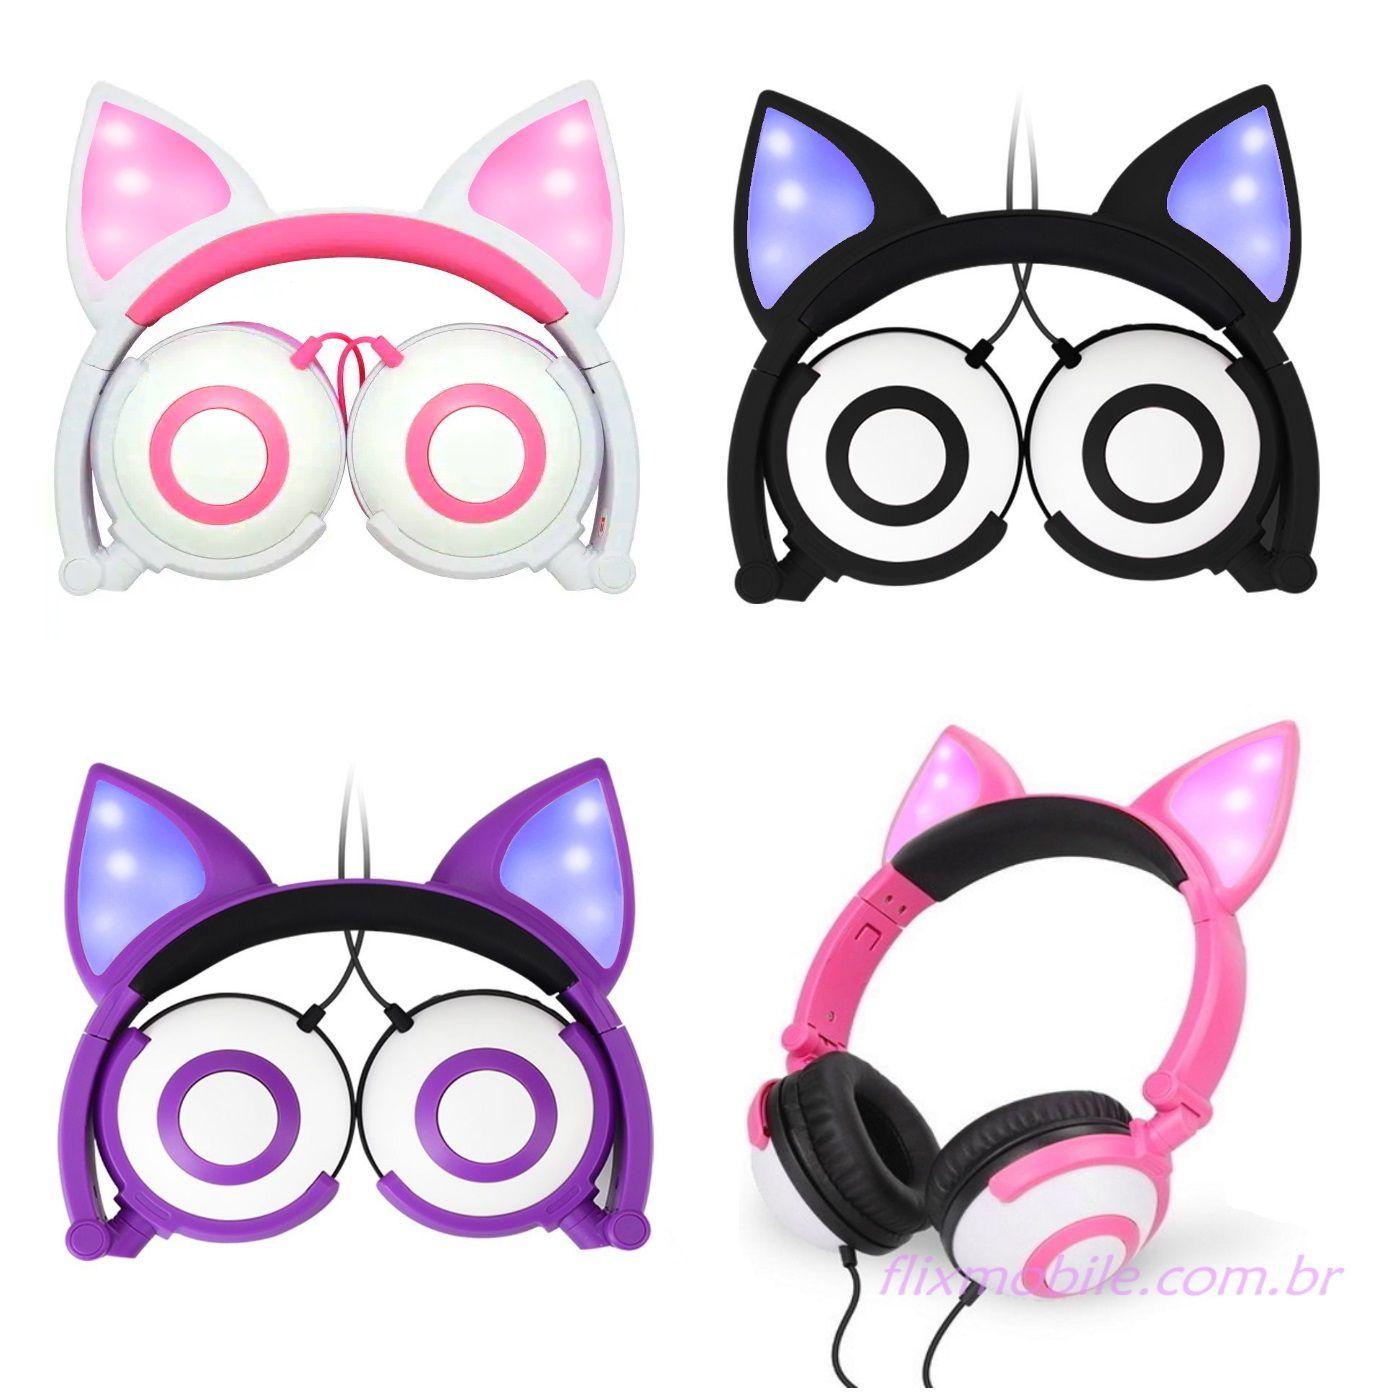 Fone de ouvido infantil com LED e Orelhas de Gato que acendem